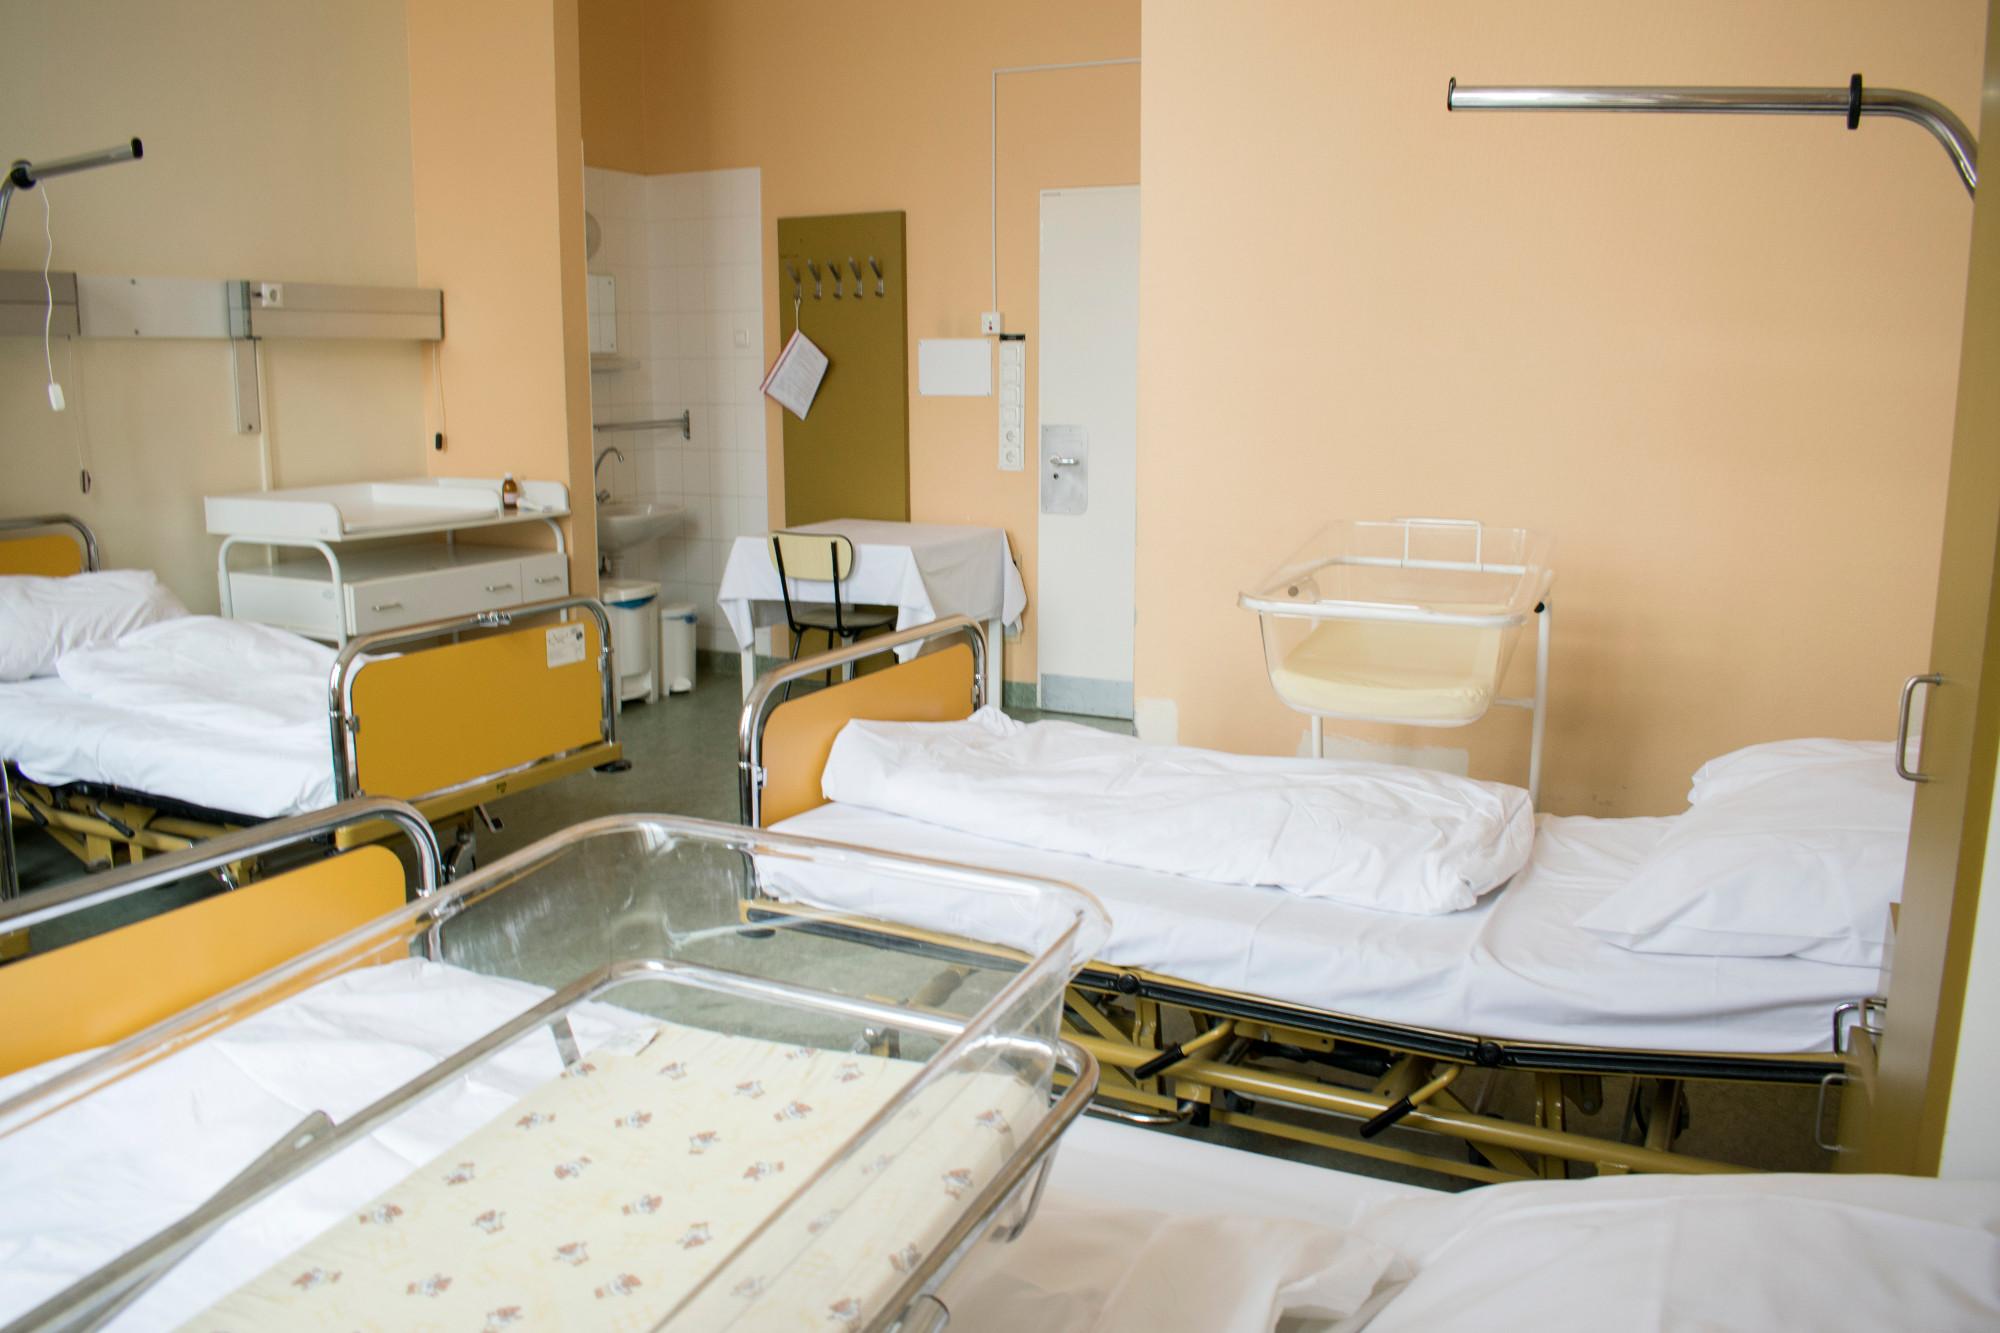 Kórházak, klinikák, magánklinikák - Budapest 8. kerület (Józsefváros)